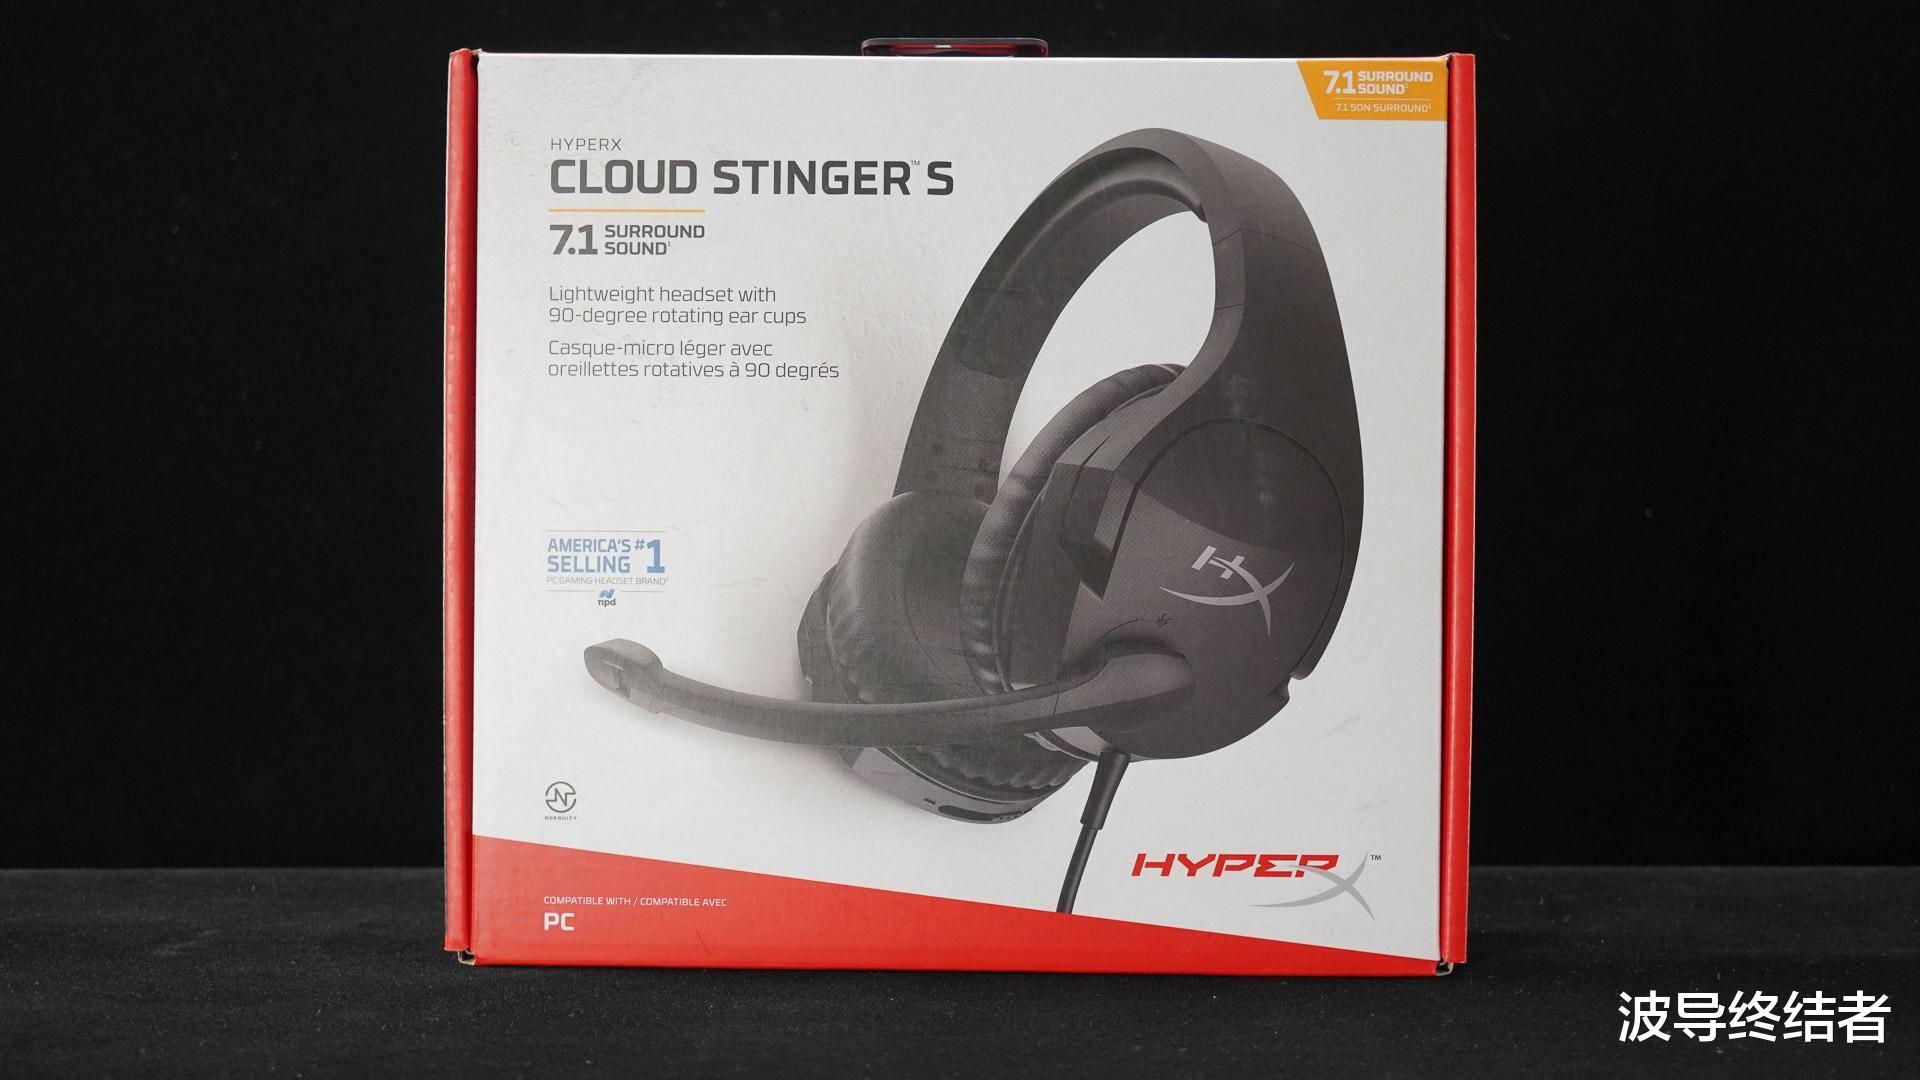 百万亚瑟王合成_轻便简洁而强大 - HyperX 毒刺S 7.1声道游戏耳机